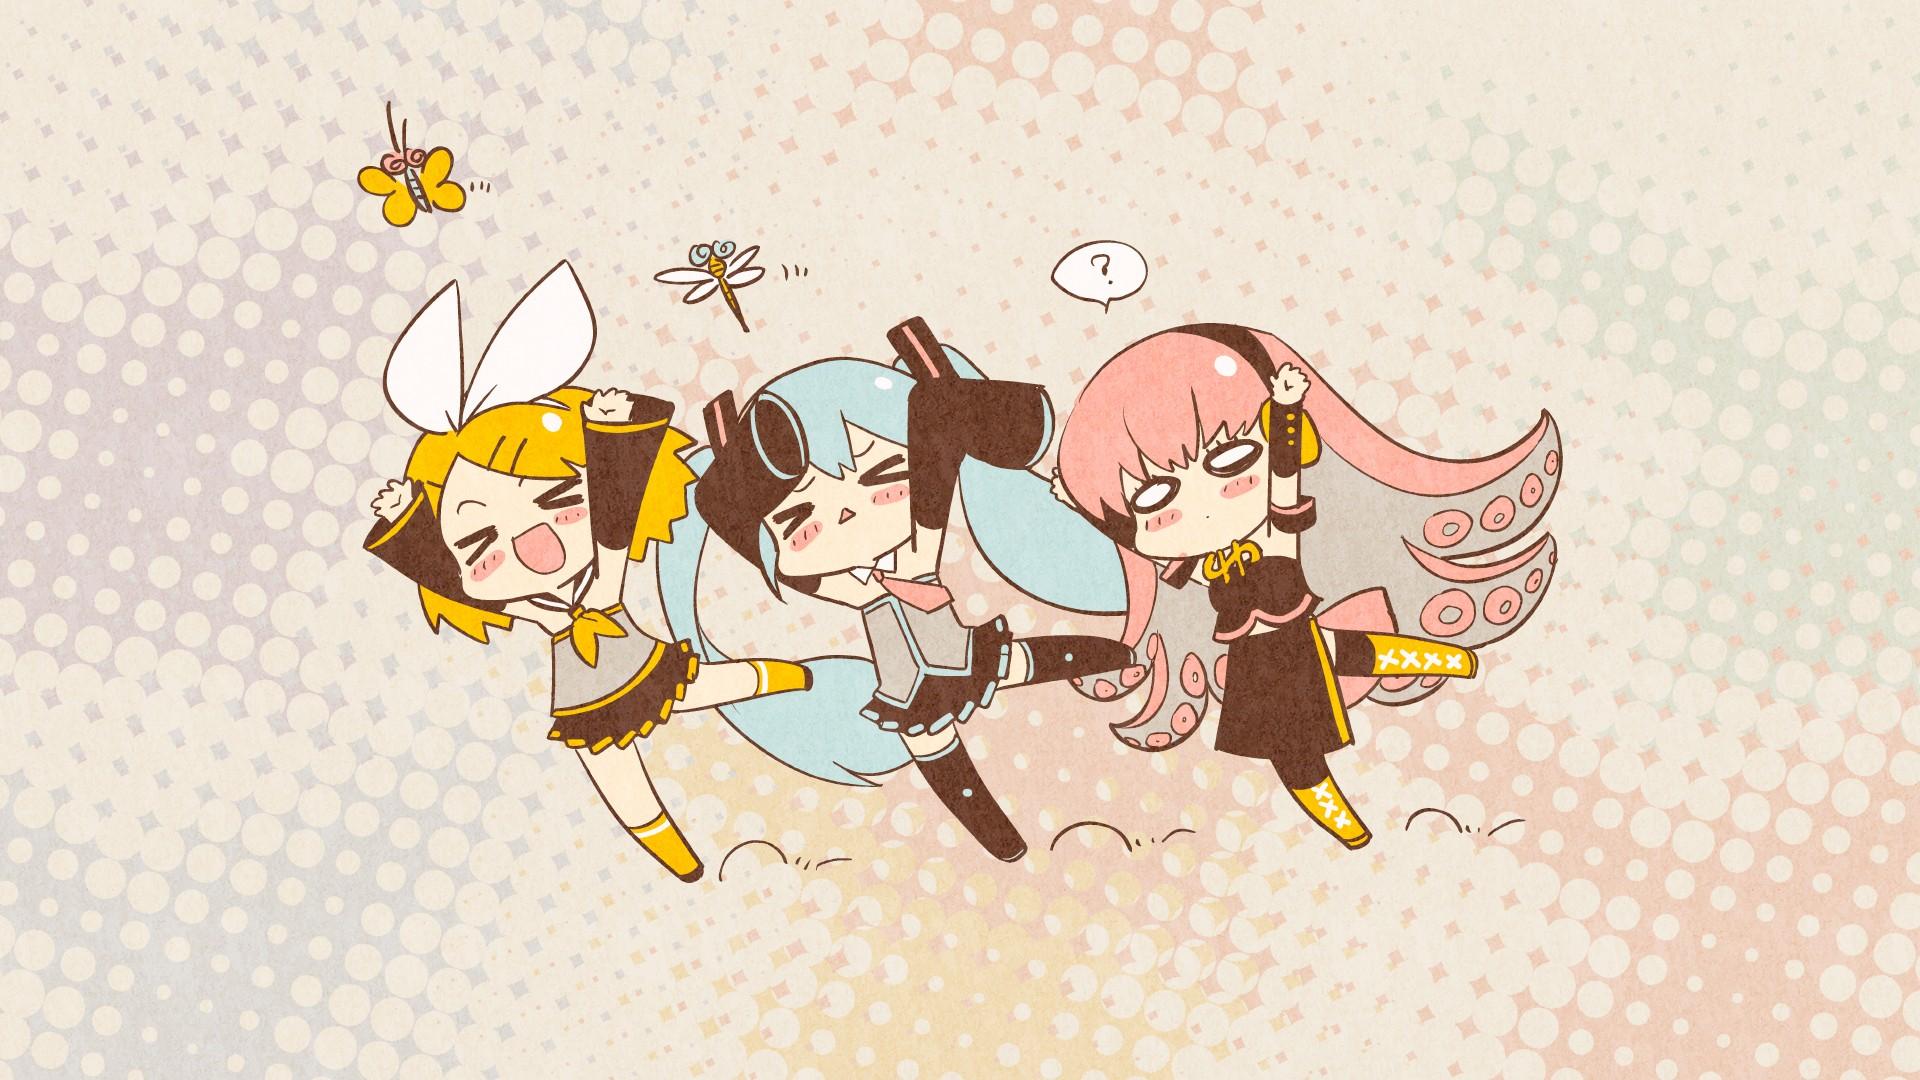 Vocaloid Chibi Group Wallpaper Vocaloid Hatsune Miku ...